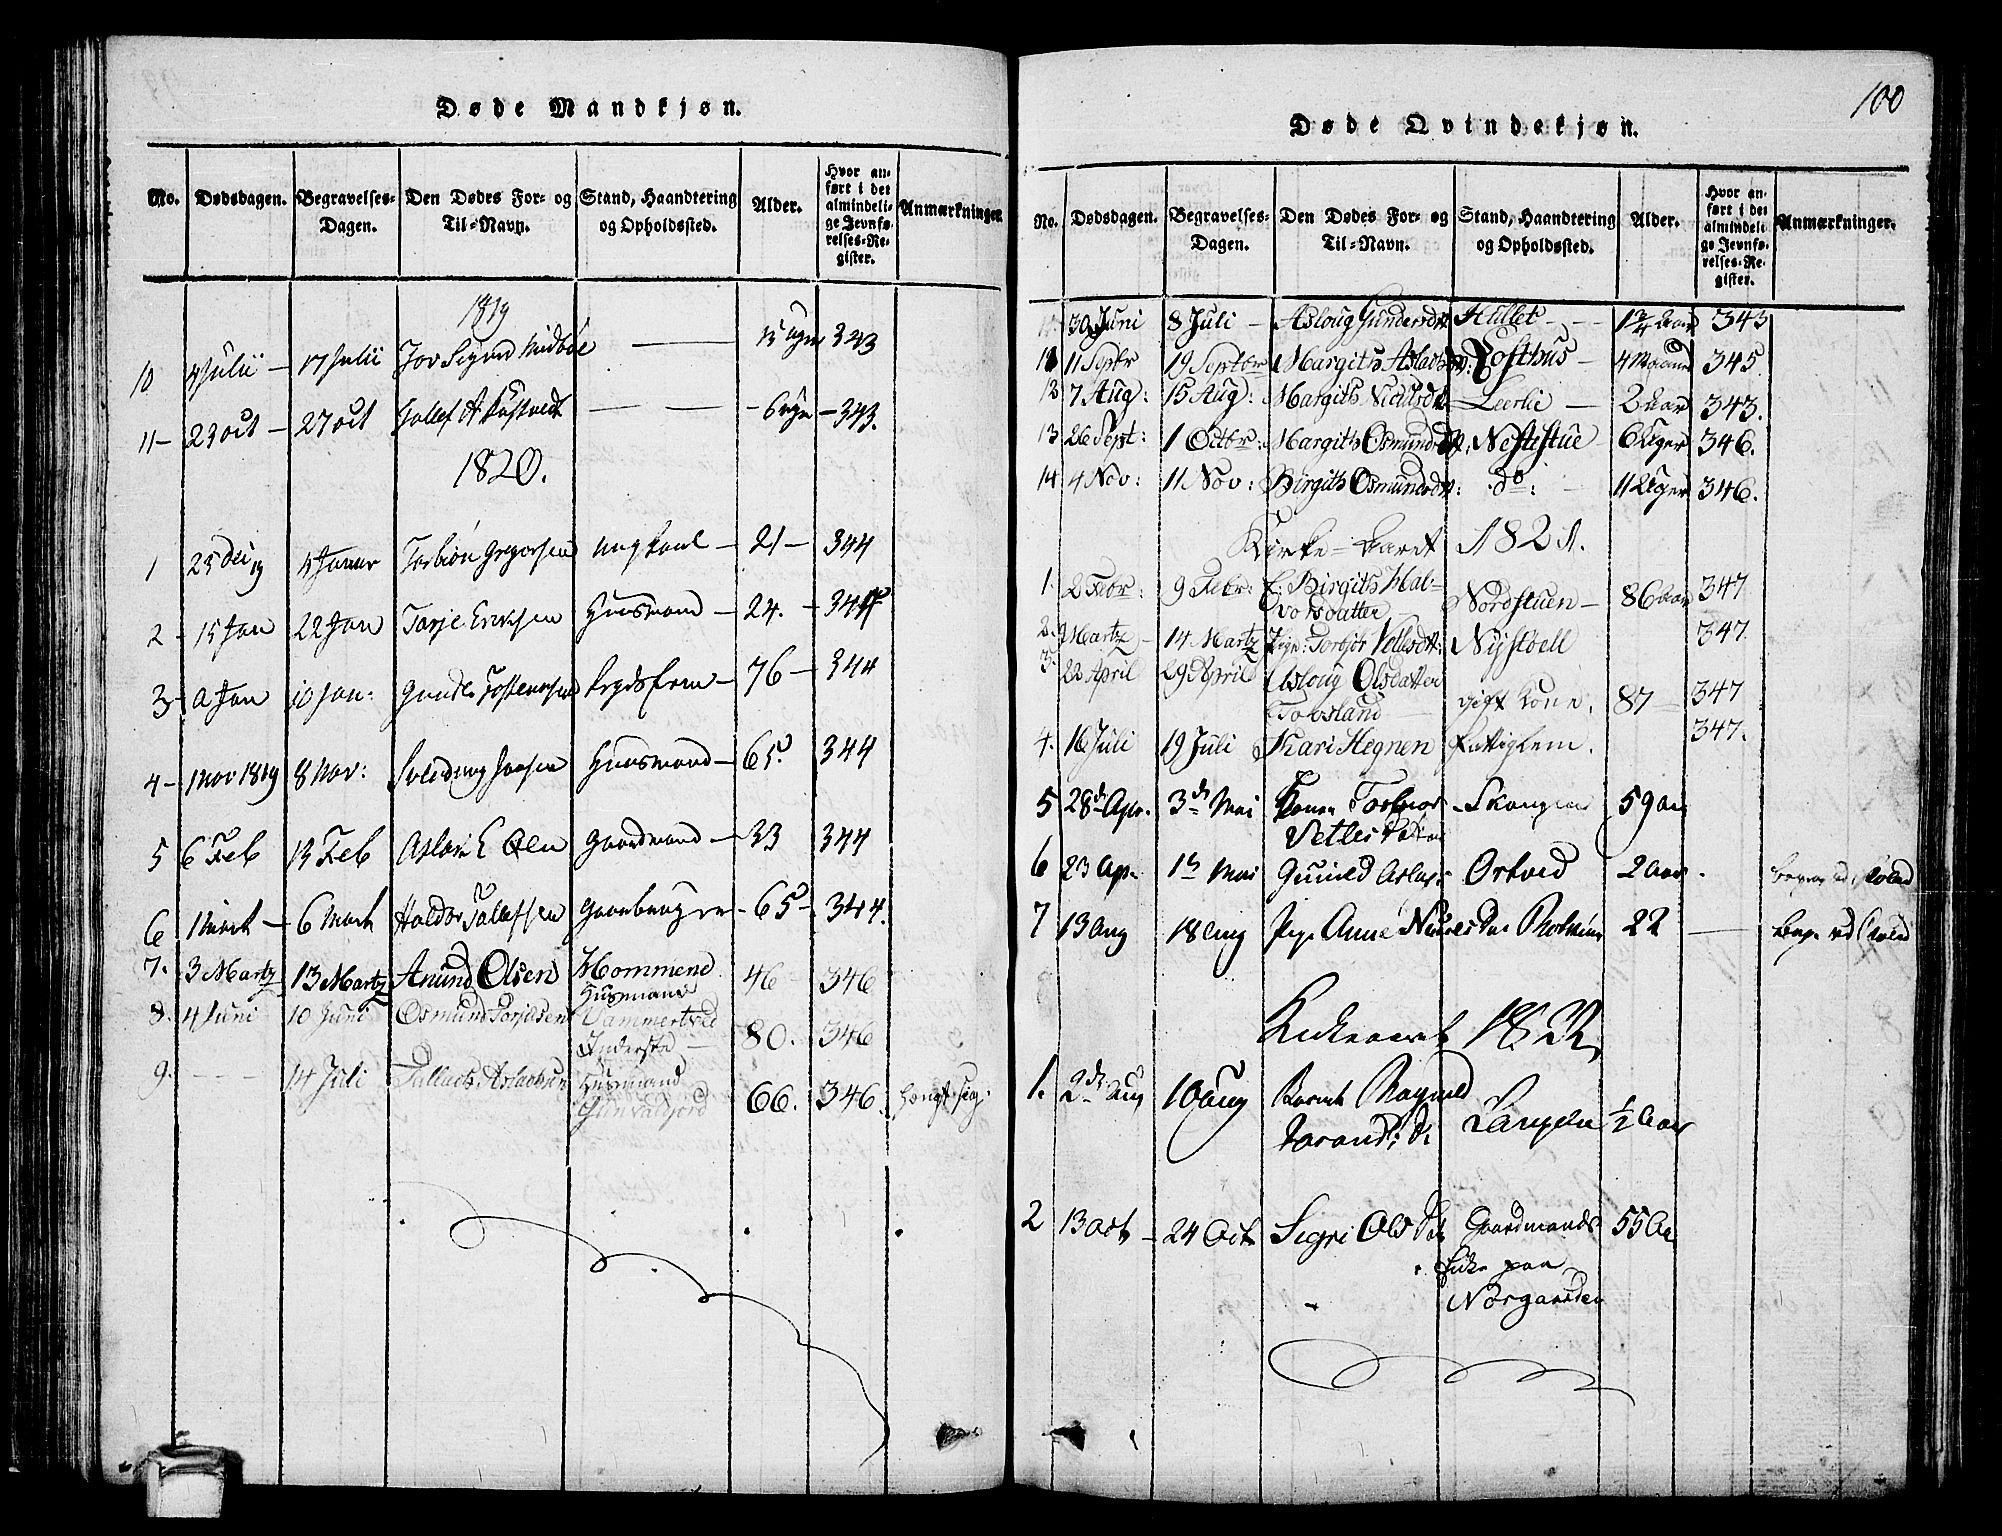 SAKO, Vinje kirkebøker, G/Ga/L0001: Klokkerbok nr. I 1, 1814-1843, s. 100